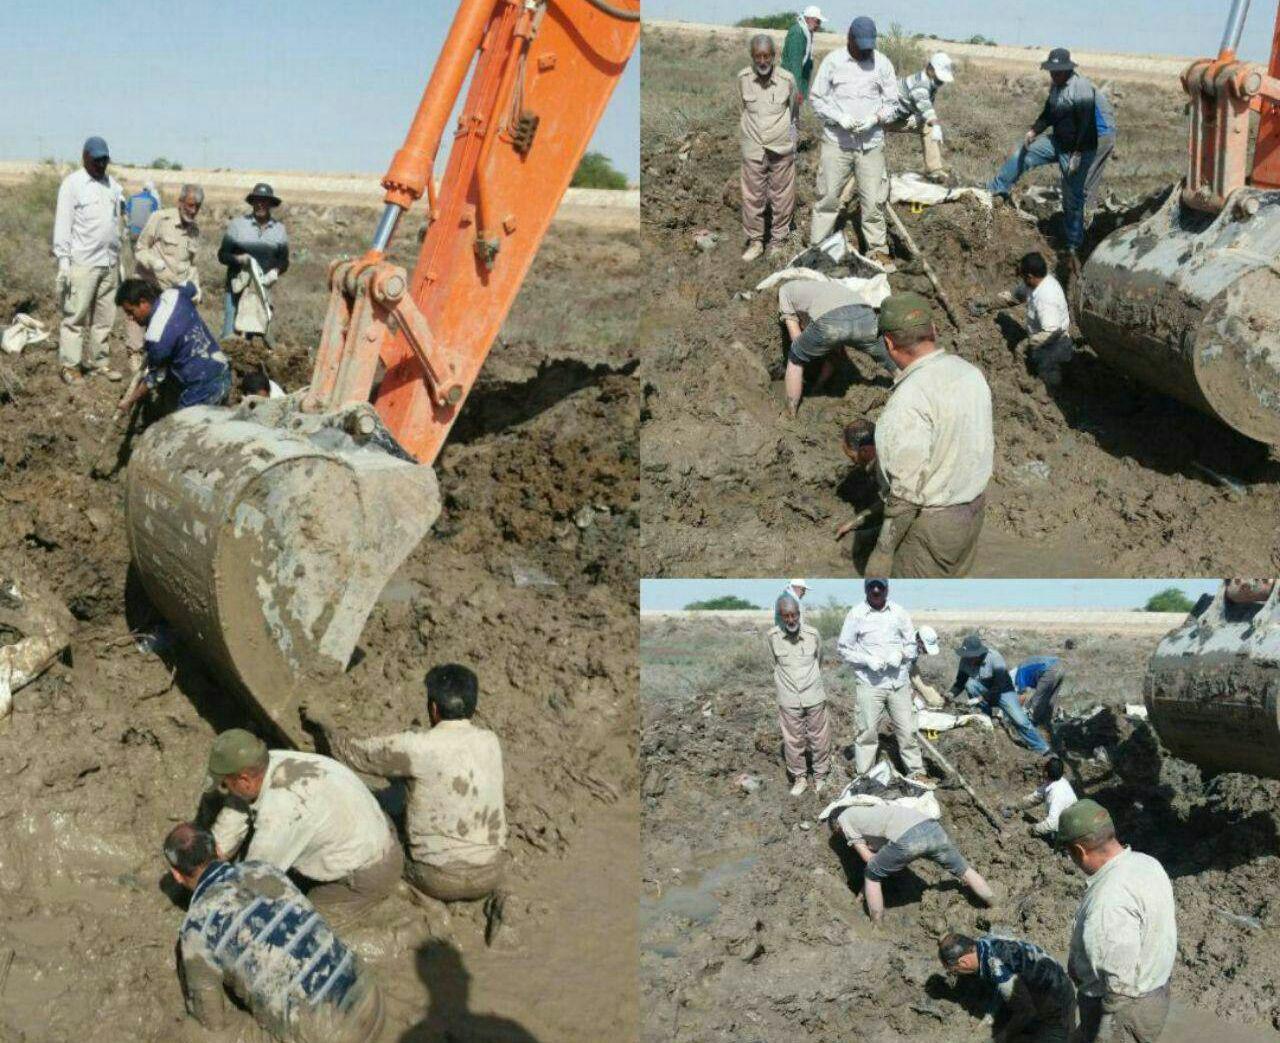 پیکر 118 شهید فردا از مرز شلمچه وارد خاک کشور می شوند